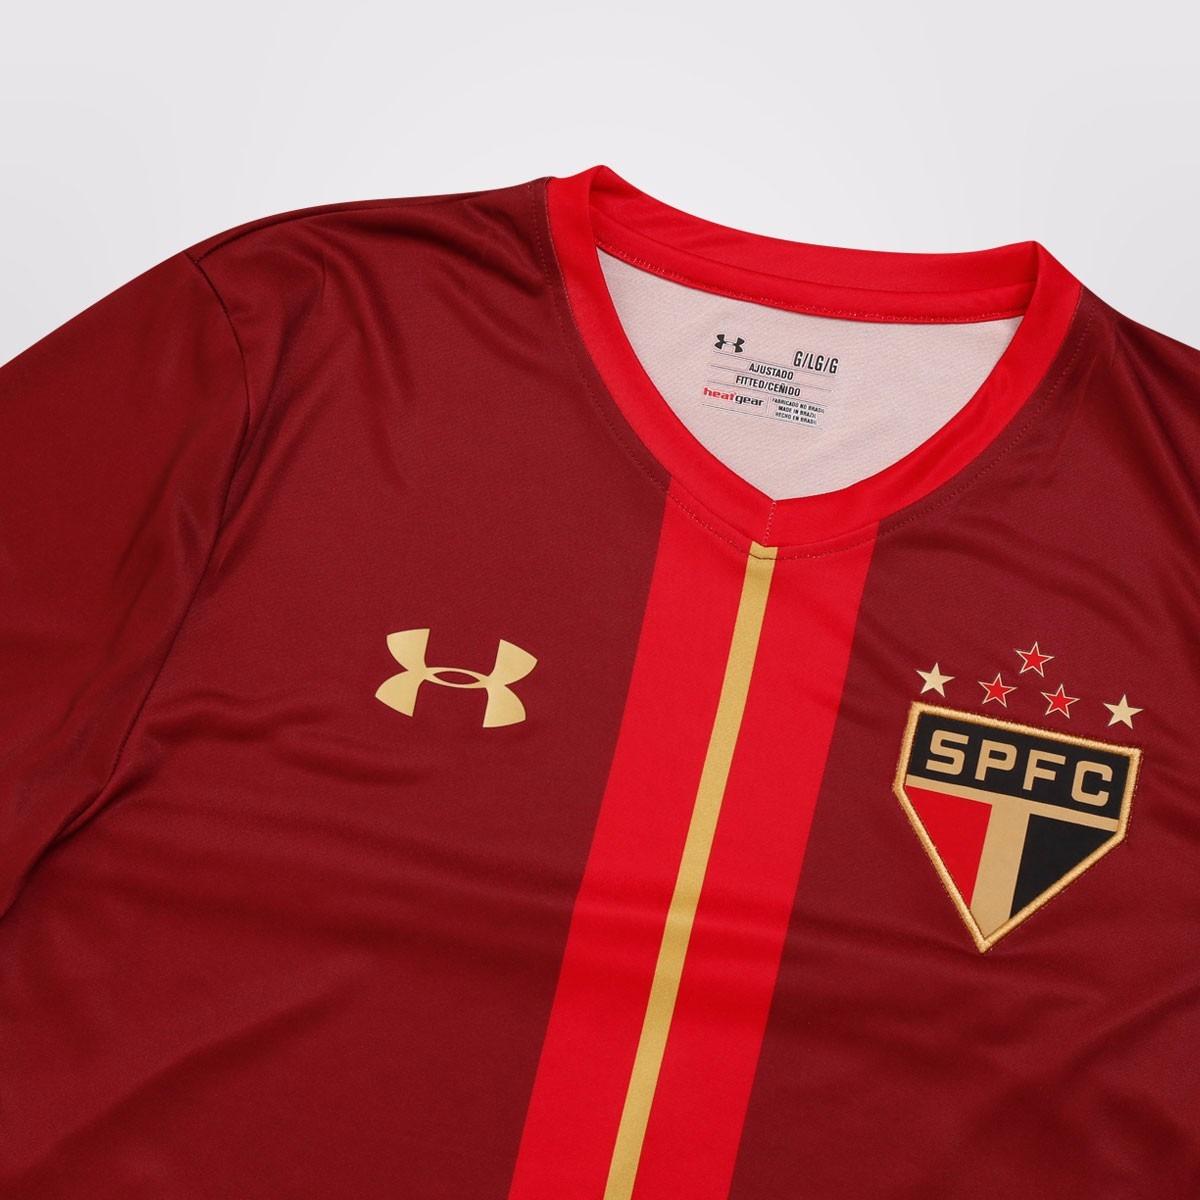 Carregando zoom  Camisa São Paulo Under Armour 3 - 1272927-625 - R 199 391a11f812e45